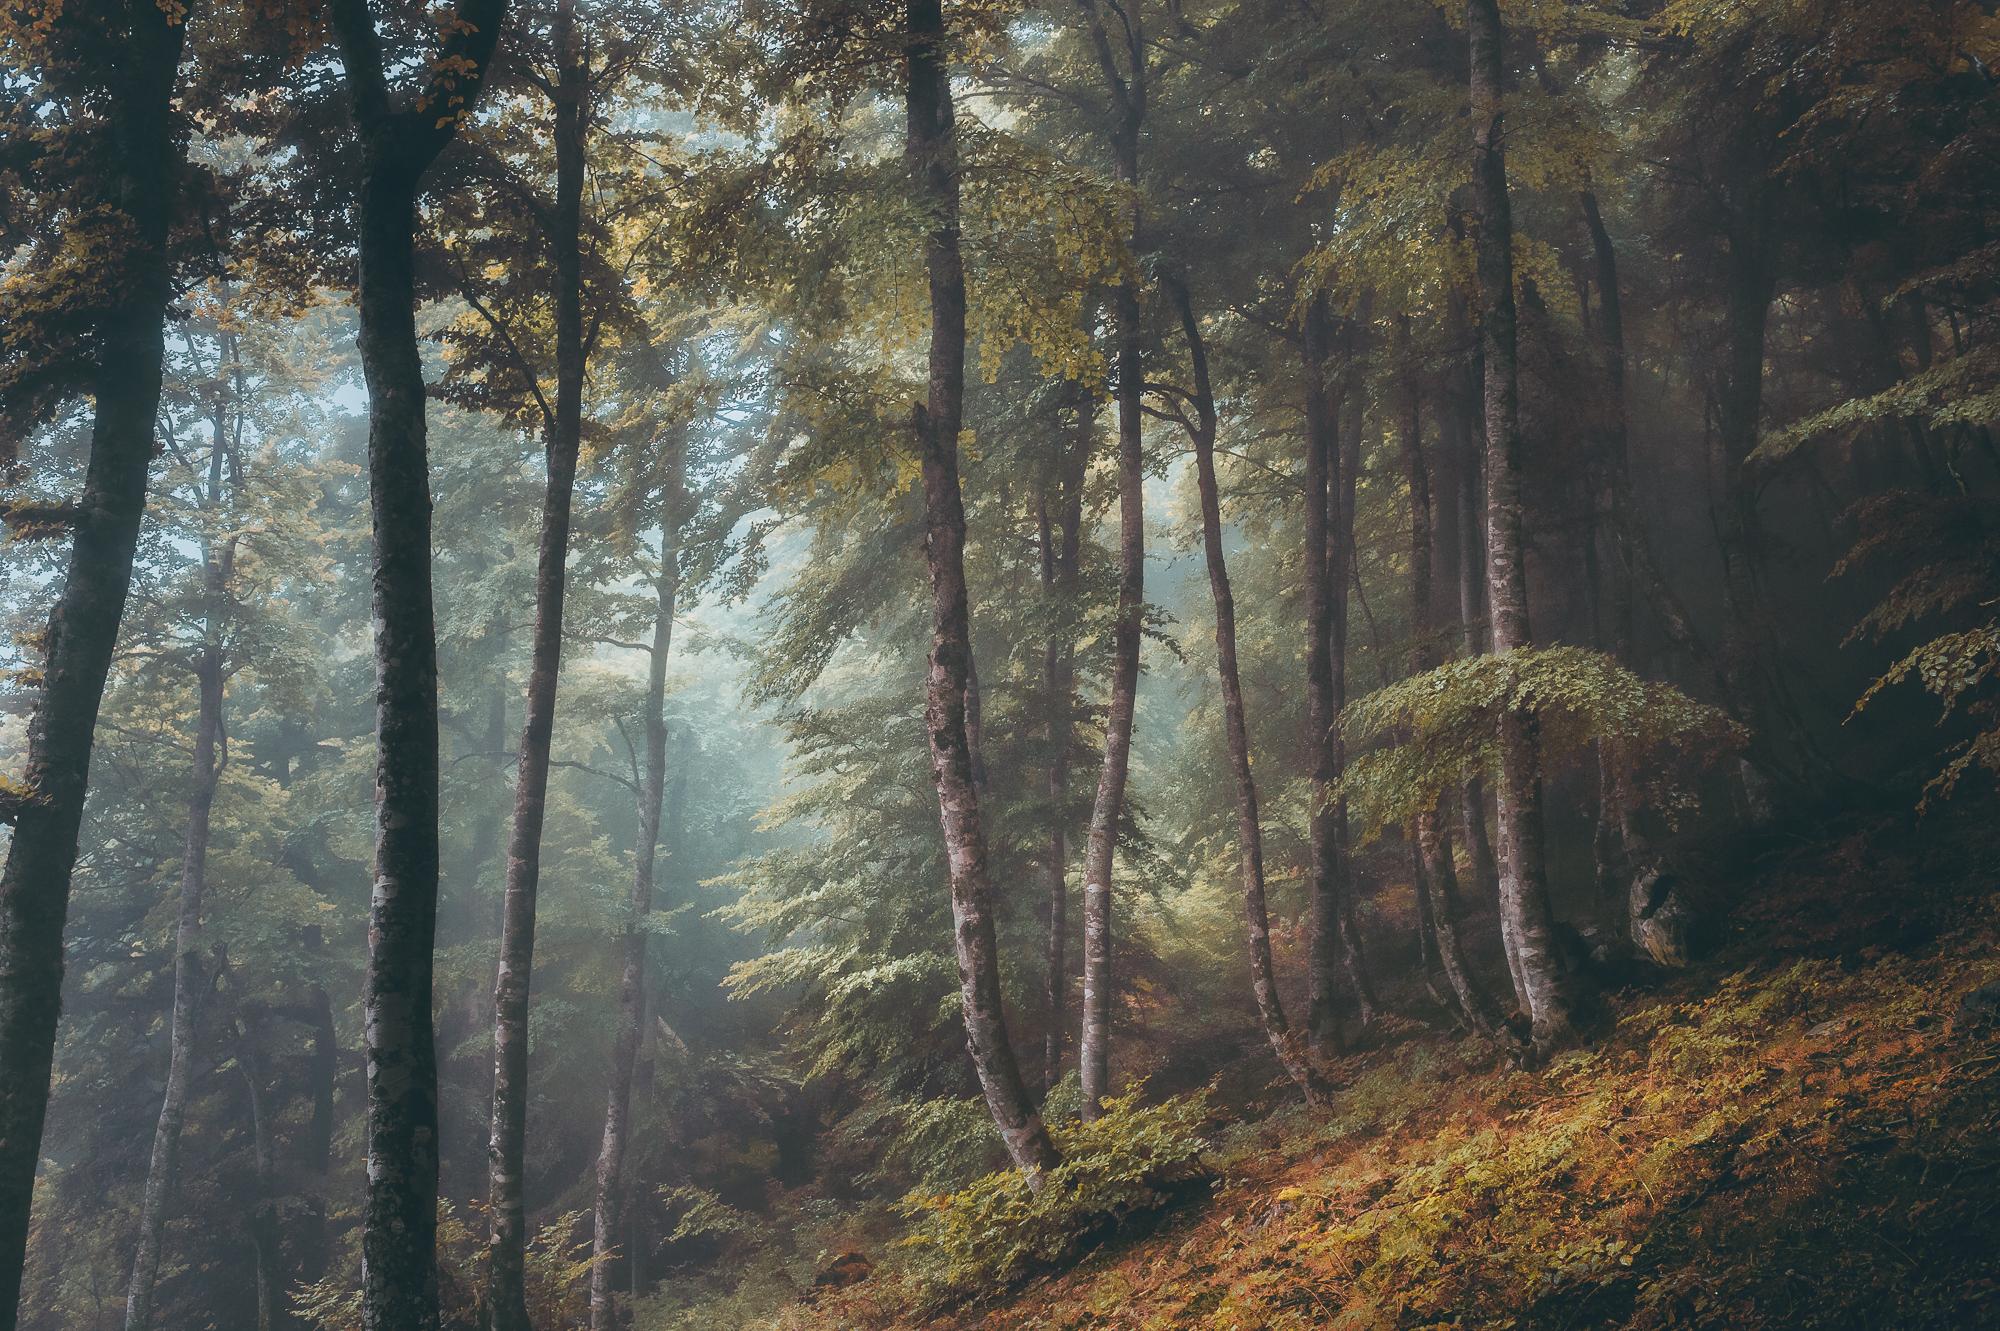 fotografia paesaggistica a colori di una foresta nei Pirenei, Francia, di Yohan Terraza